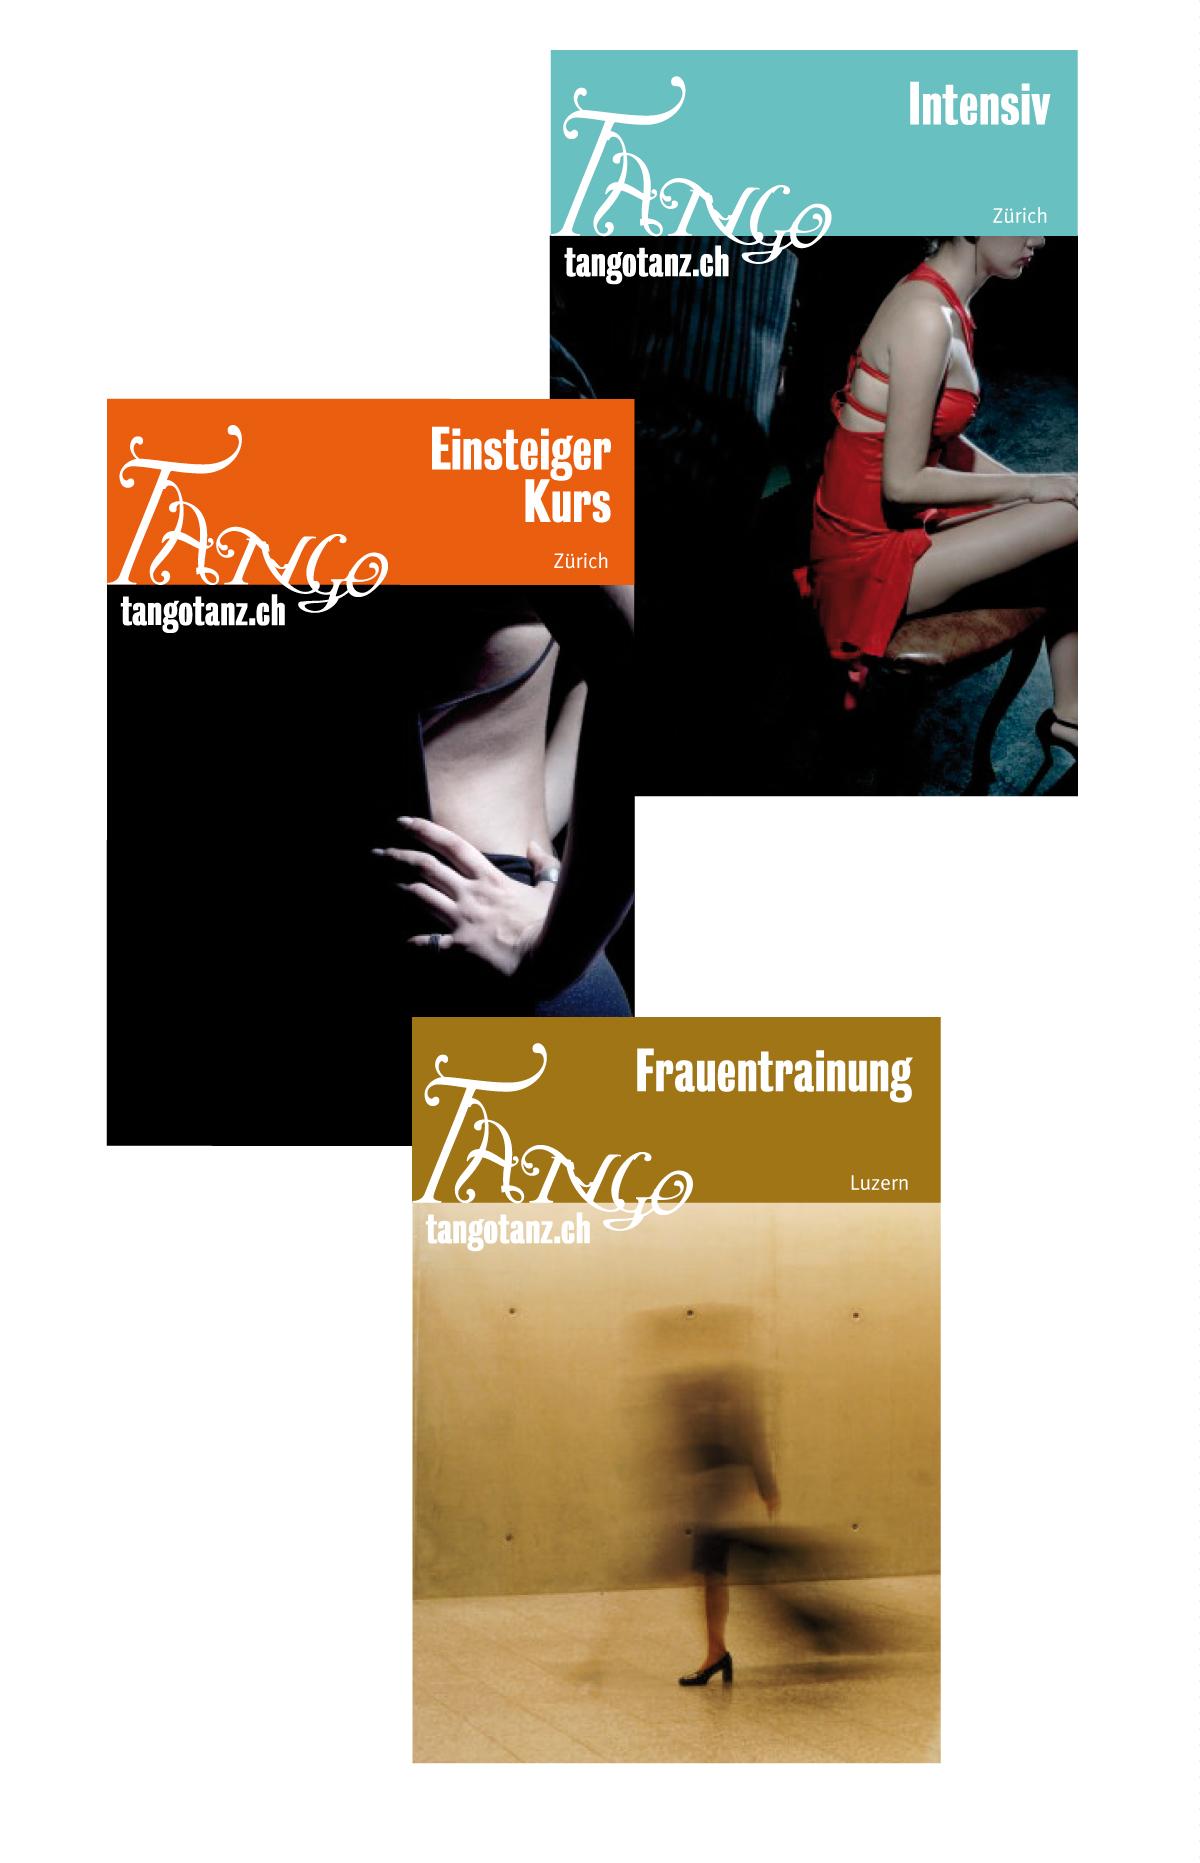 A7 Karte Tangotanz.ch